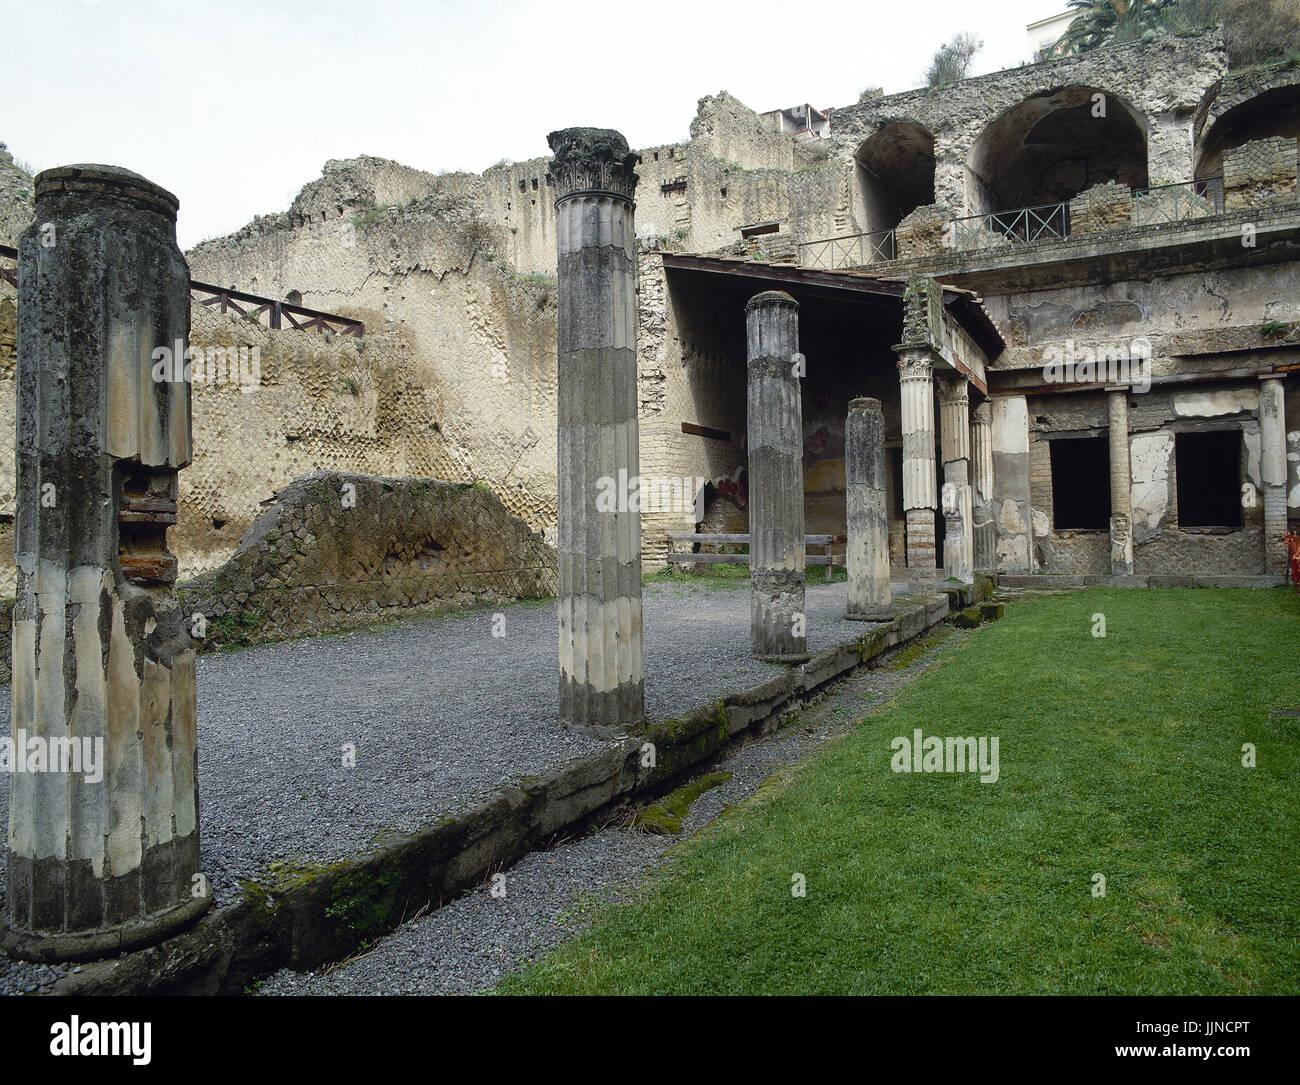 Italia. Herculano. Ruinas de Palaestra (escuela de lucha libre). La Campania. Imagen De Stock